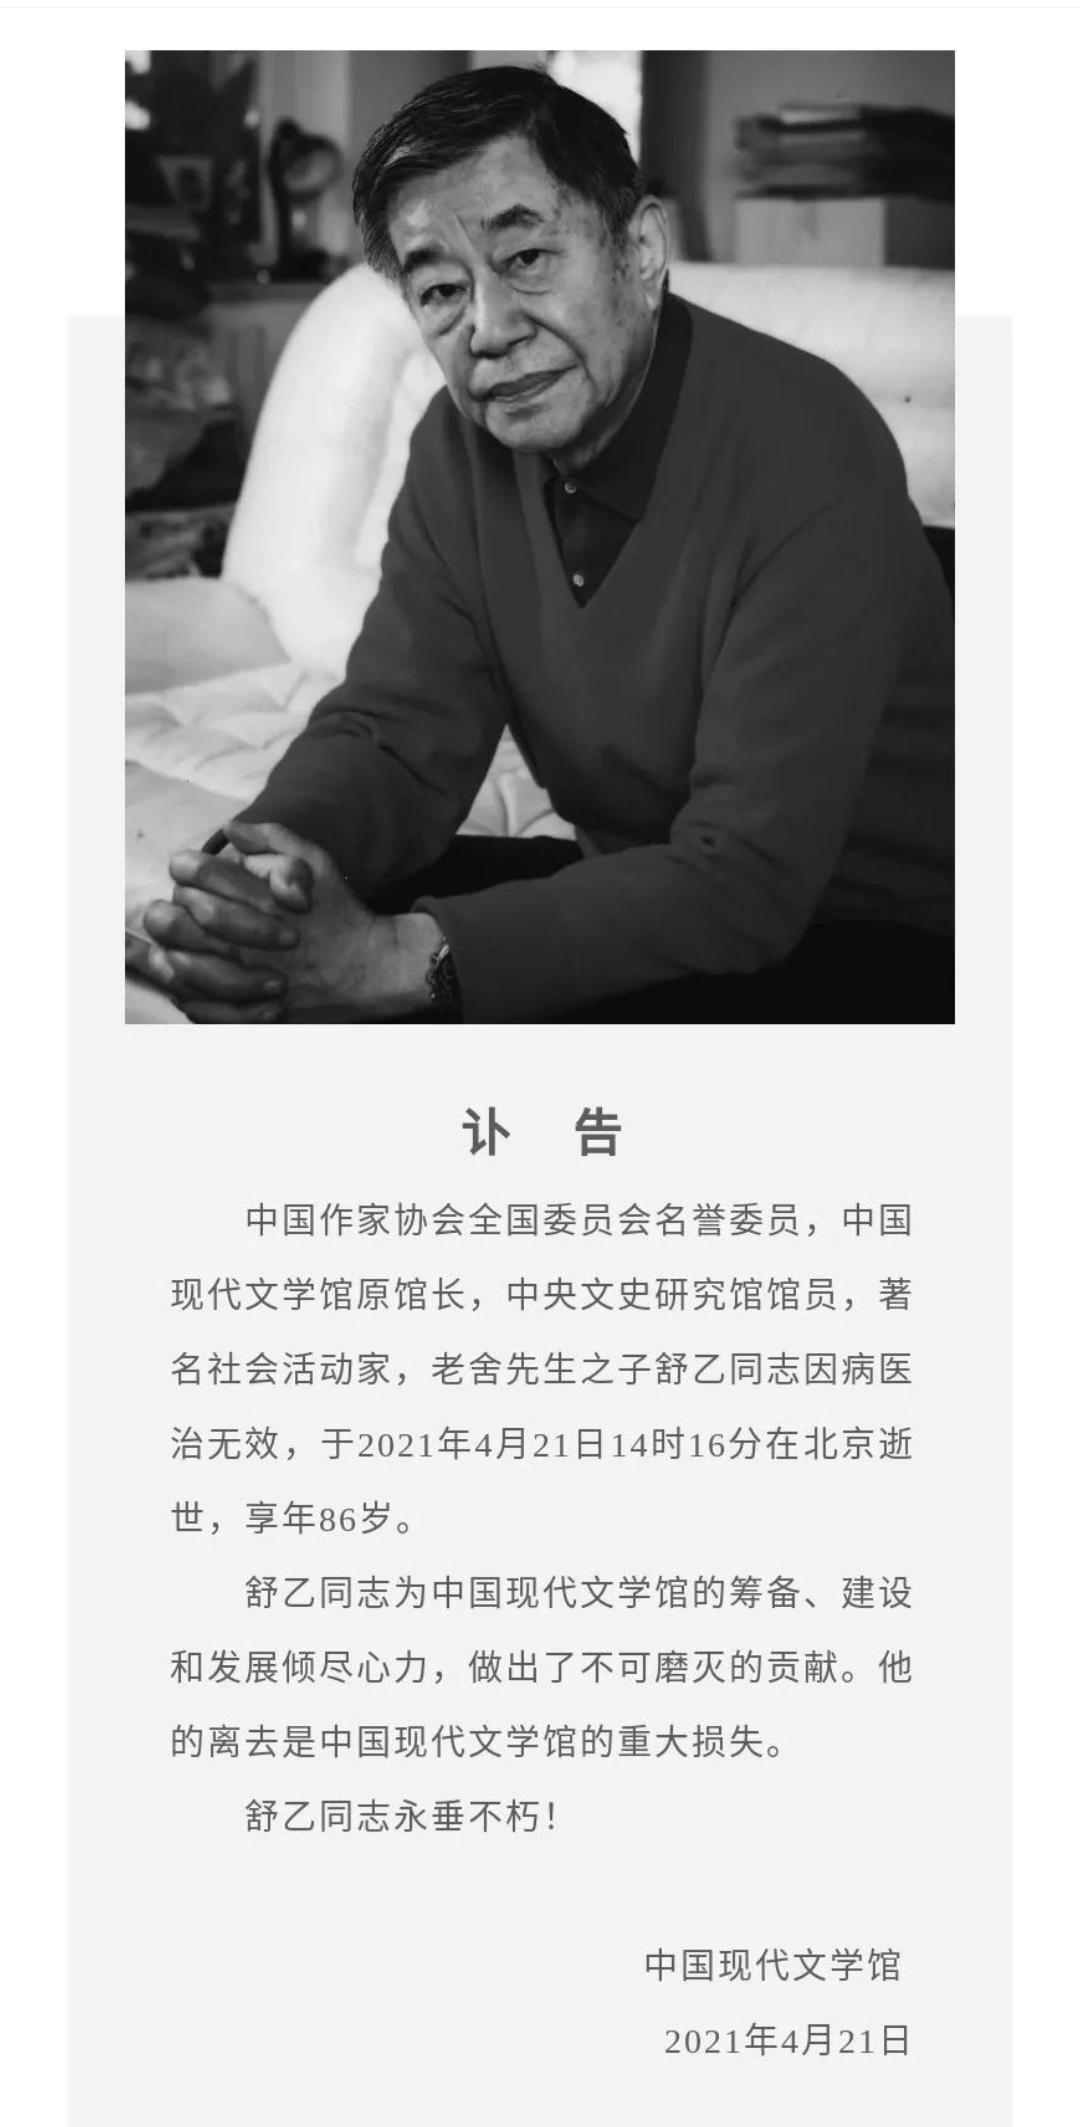 老舍之子舒乙去世,曾呼吁保护老北京……